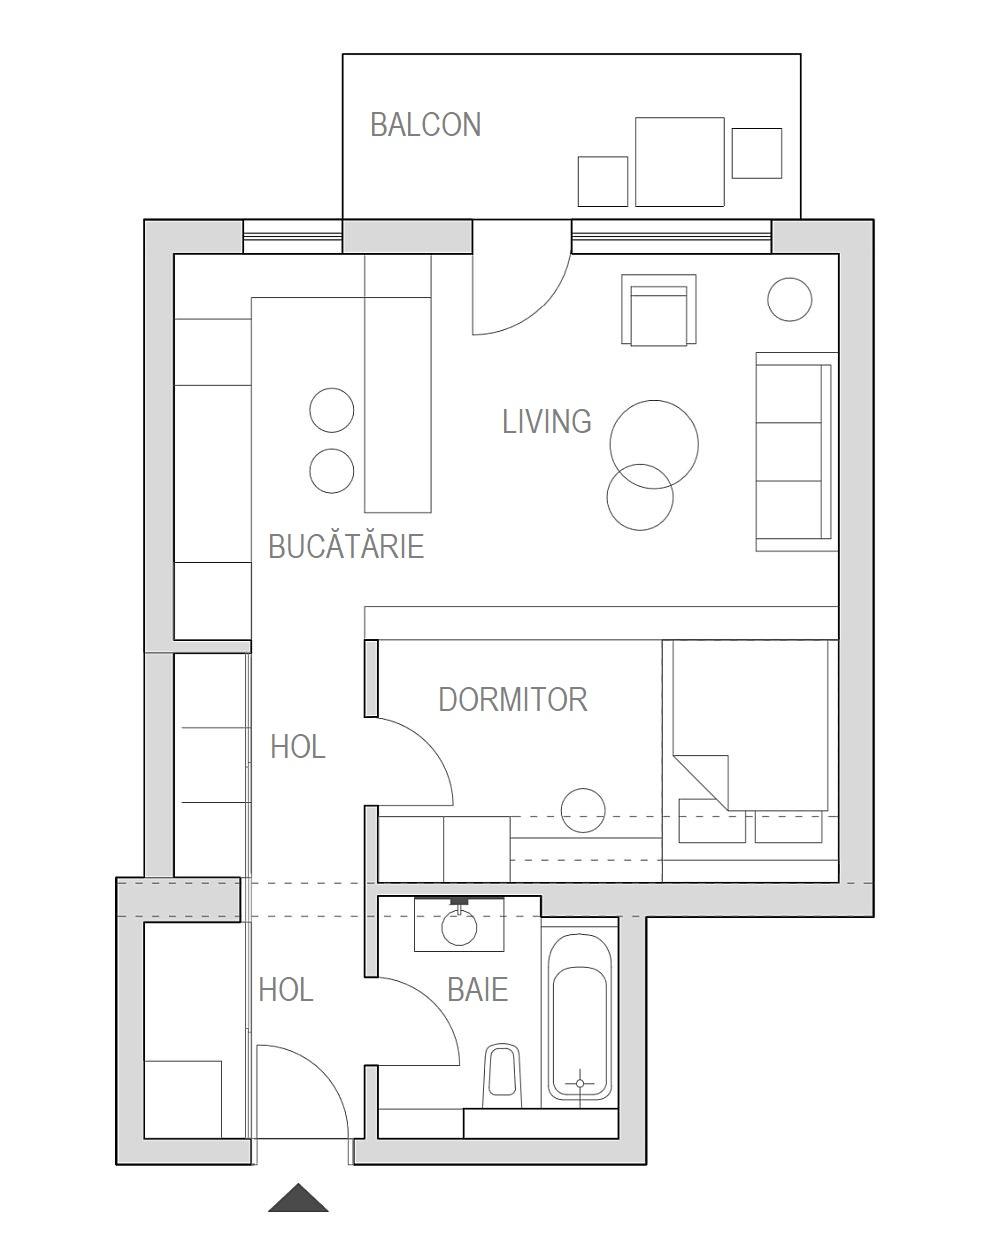 Inițial garsoniera avea hol, baie, bucătărie și cameră. Unde este acum dormitorul era camera garsonierei, iar unde e masa din bucătărie, practic exista zidul de separare între bucătărie și cameră. Arhitectul Bianca Nicolae a deschis bucătăria către cameră, iar spațiul livingului l-a împărțit pentru a obține dormitorul, care este separat prin mobilier, iar de e hol este separat cu ușă. Spațiile mari de depozitare sunt pe hol, unde arhitectul a prevăzut dulapuri.